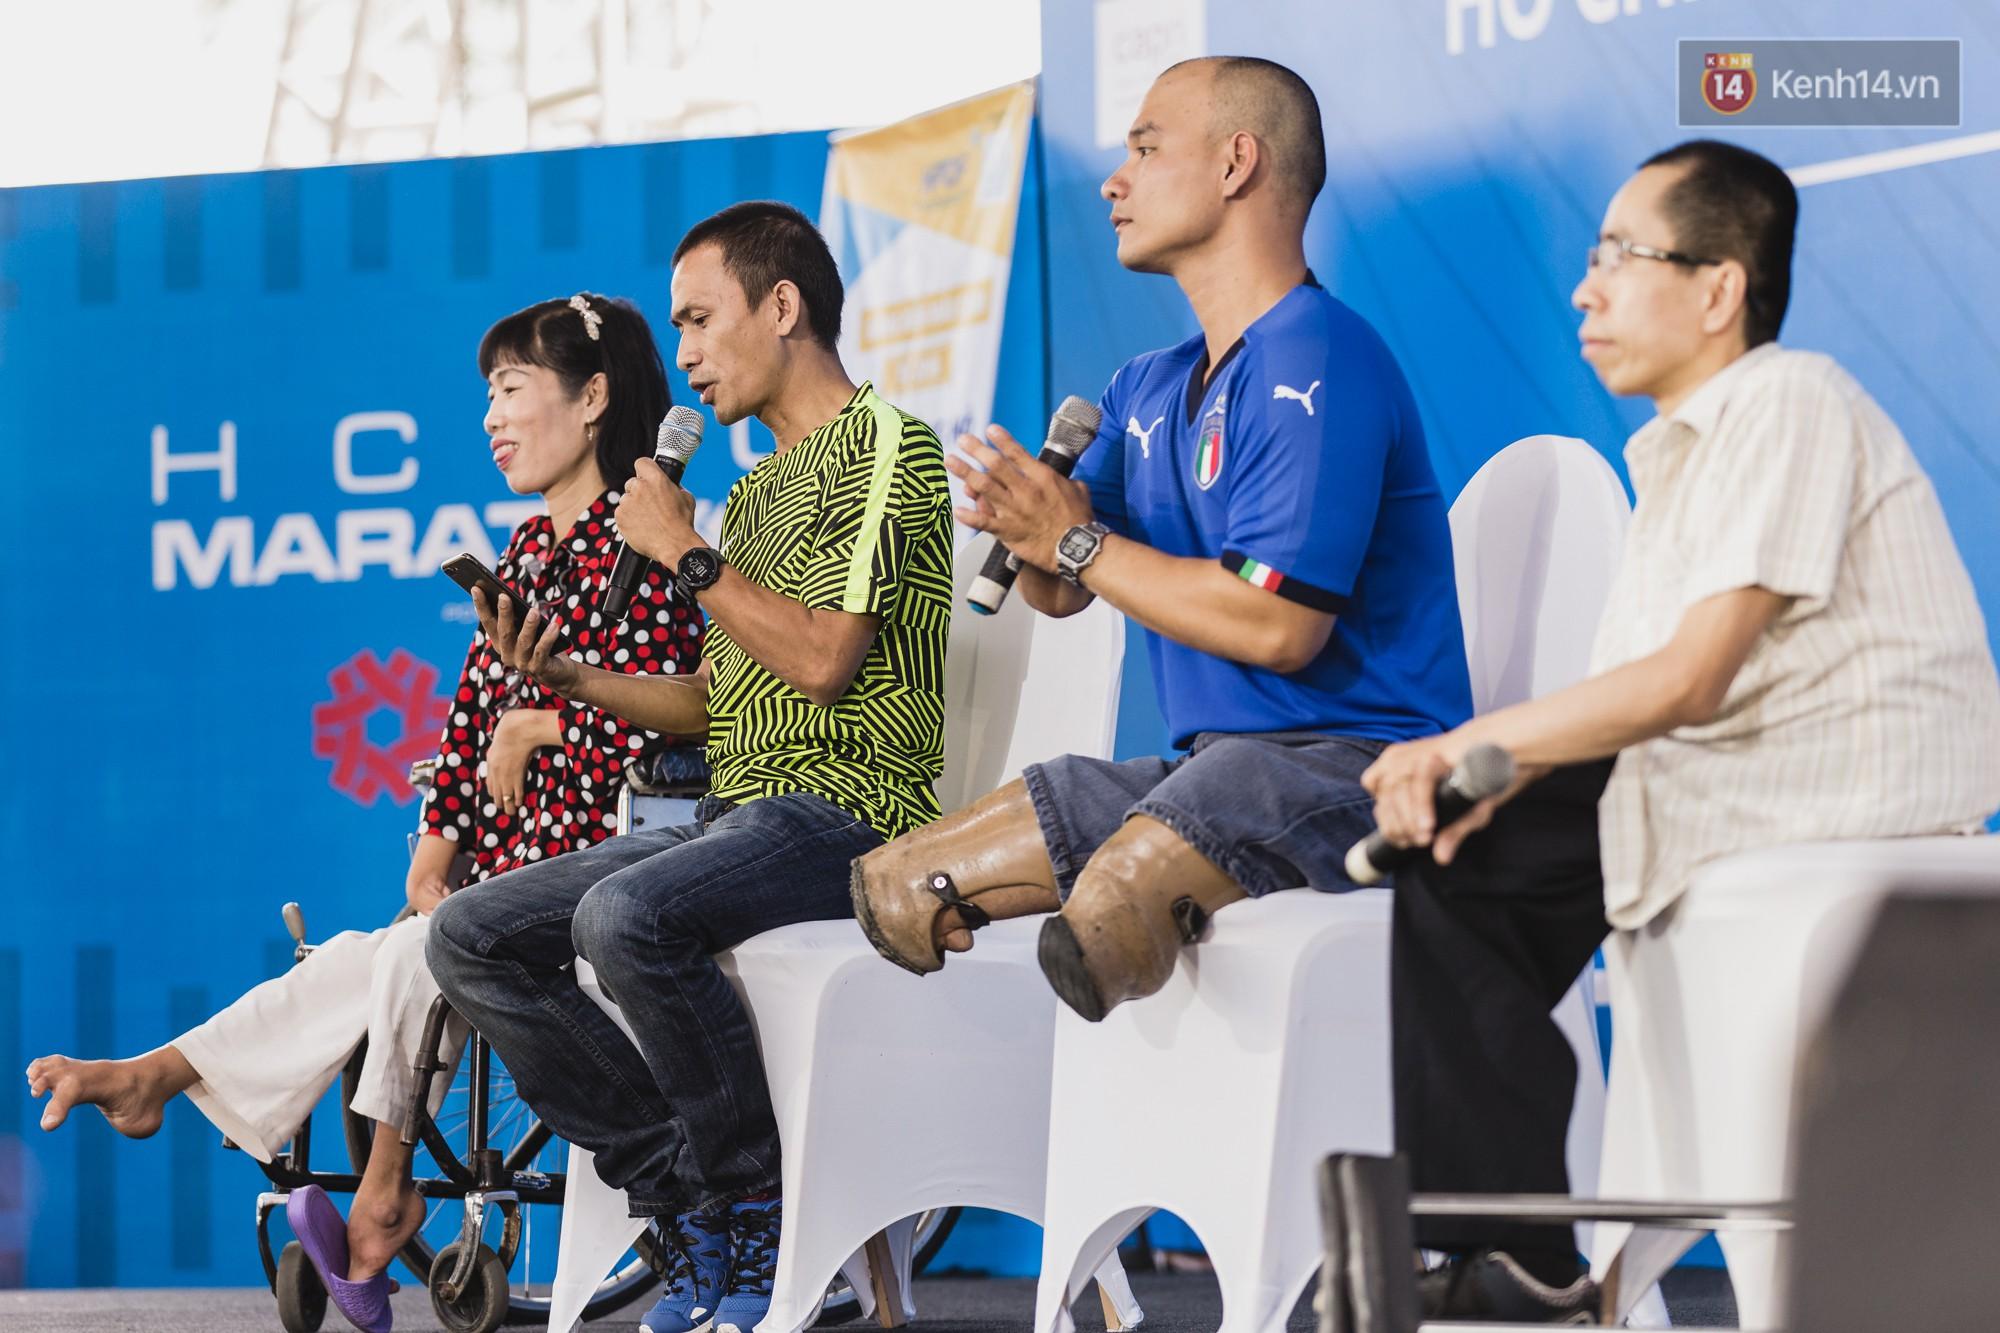 Những khoảnh khắc xúc động trong chương trình Giao lưu với người khuyết tật ở Sài Gòn - Ảnh 1.